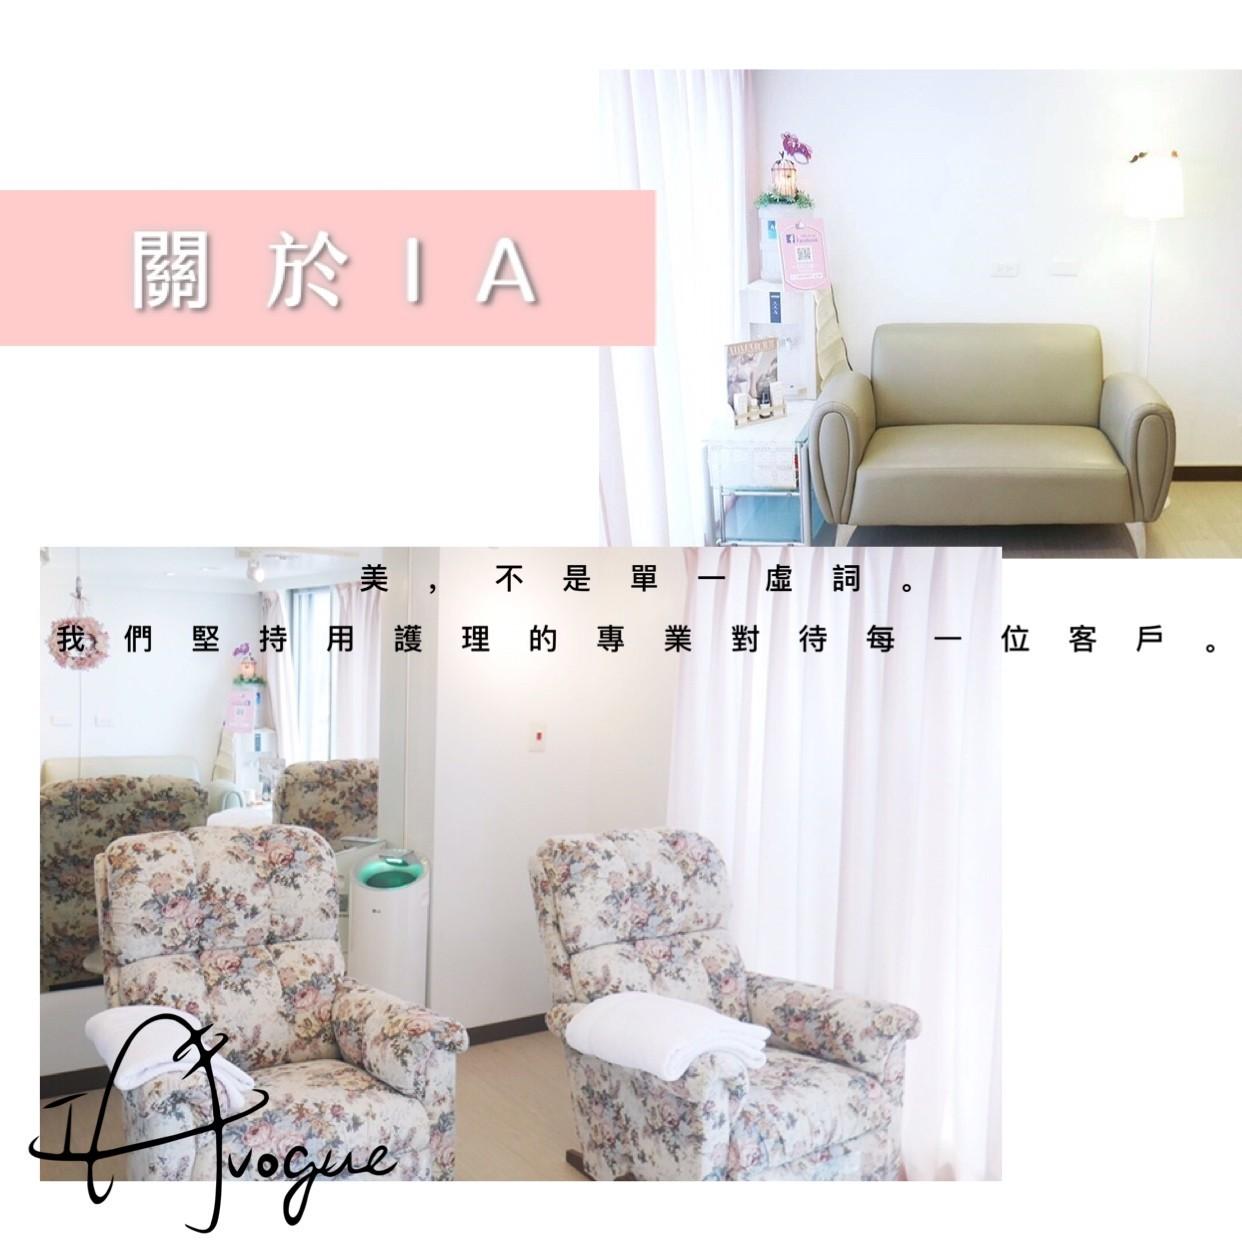 【關於IA】美感及專業兼具的經營理念-台北接睫毛護理站